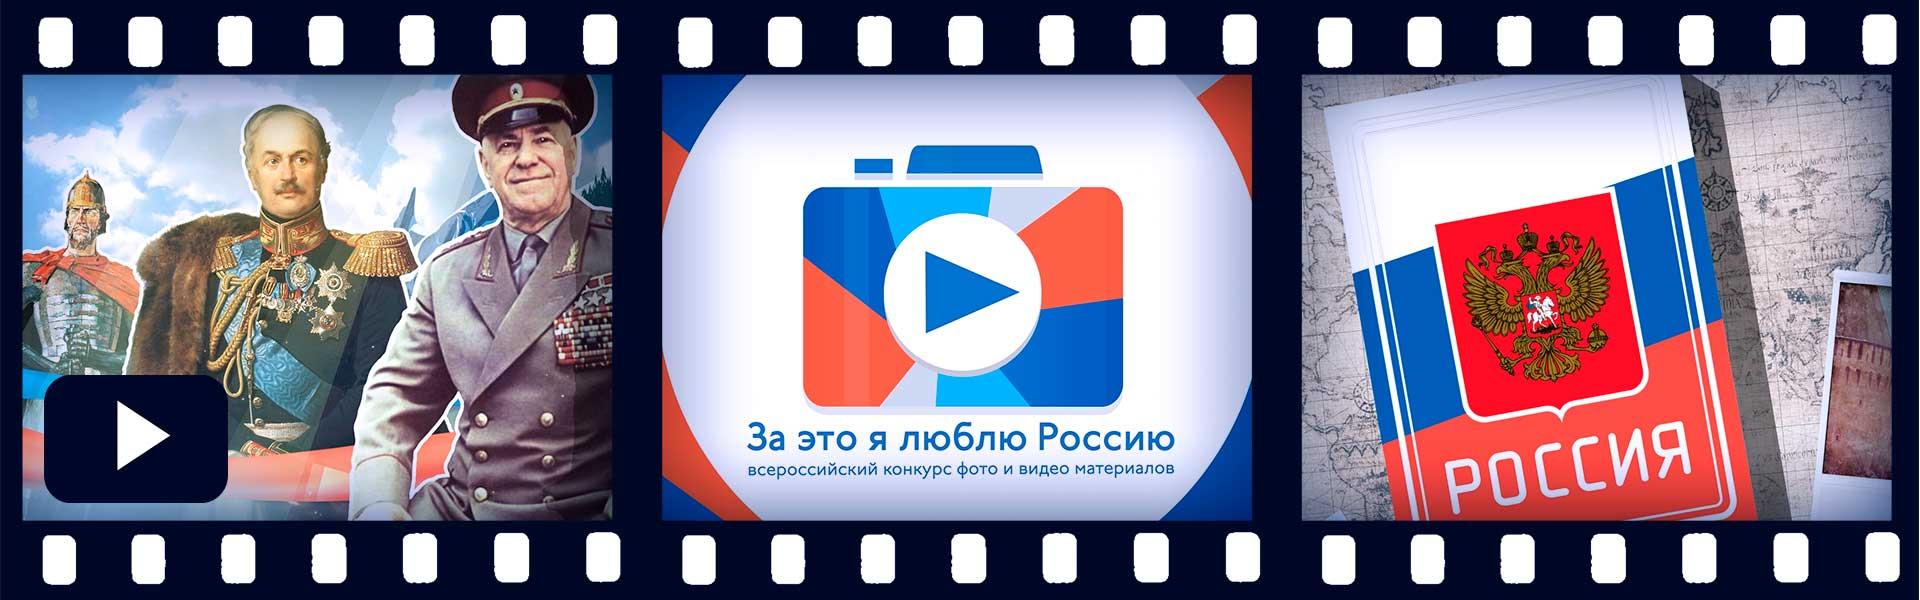 """Конкурс фото и видеоматериалов """"За это я люблю Россию"""""""